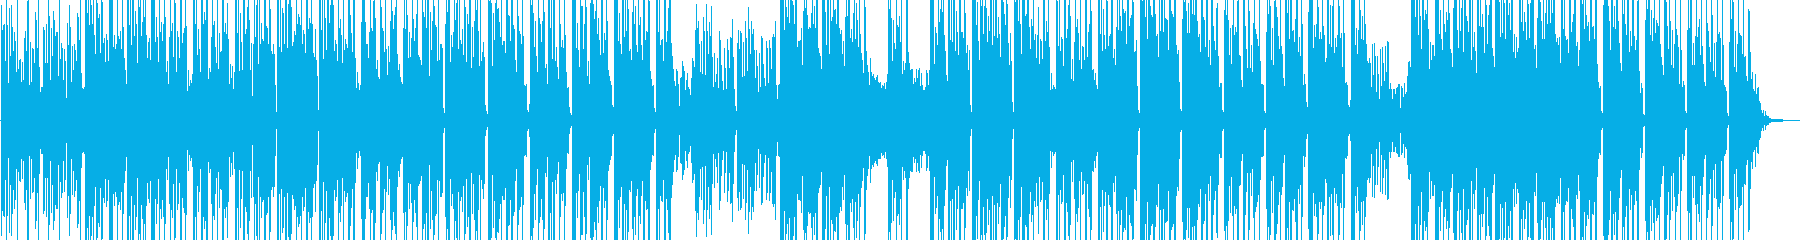 耳から離れなくなるエスニック…01:30の再生済みの波形